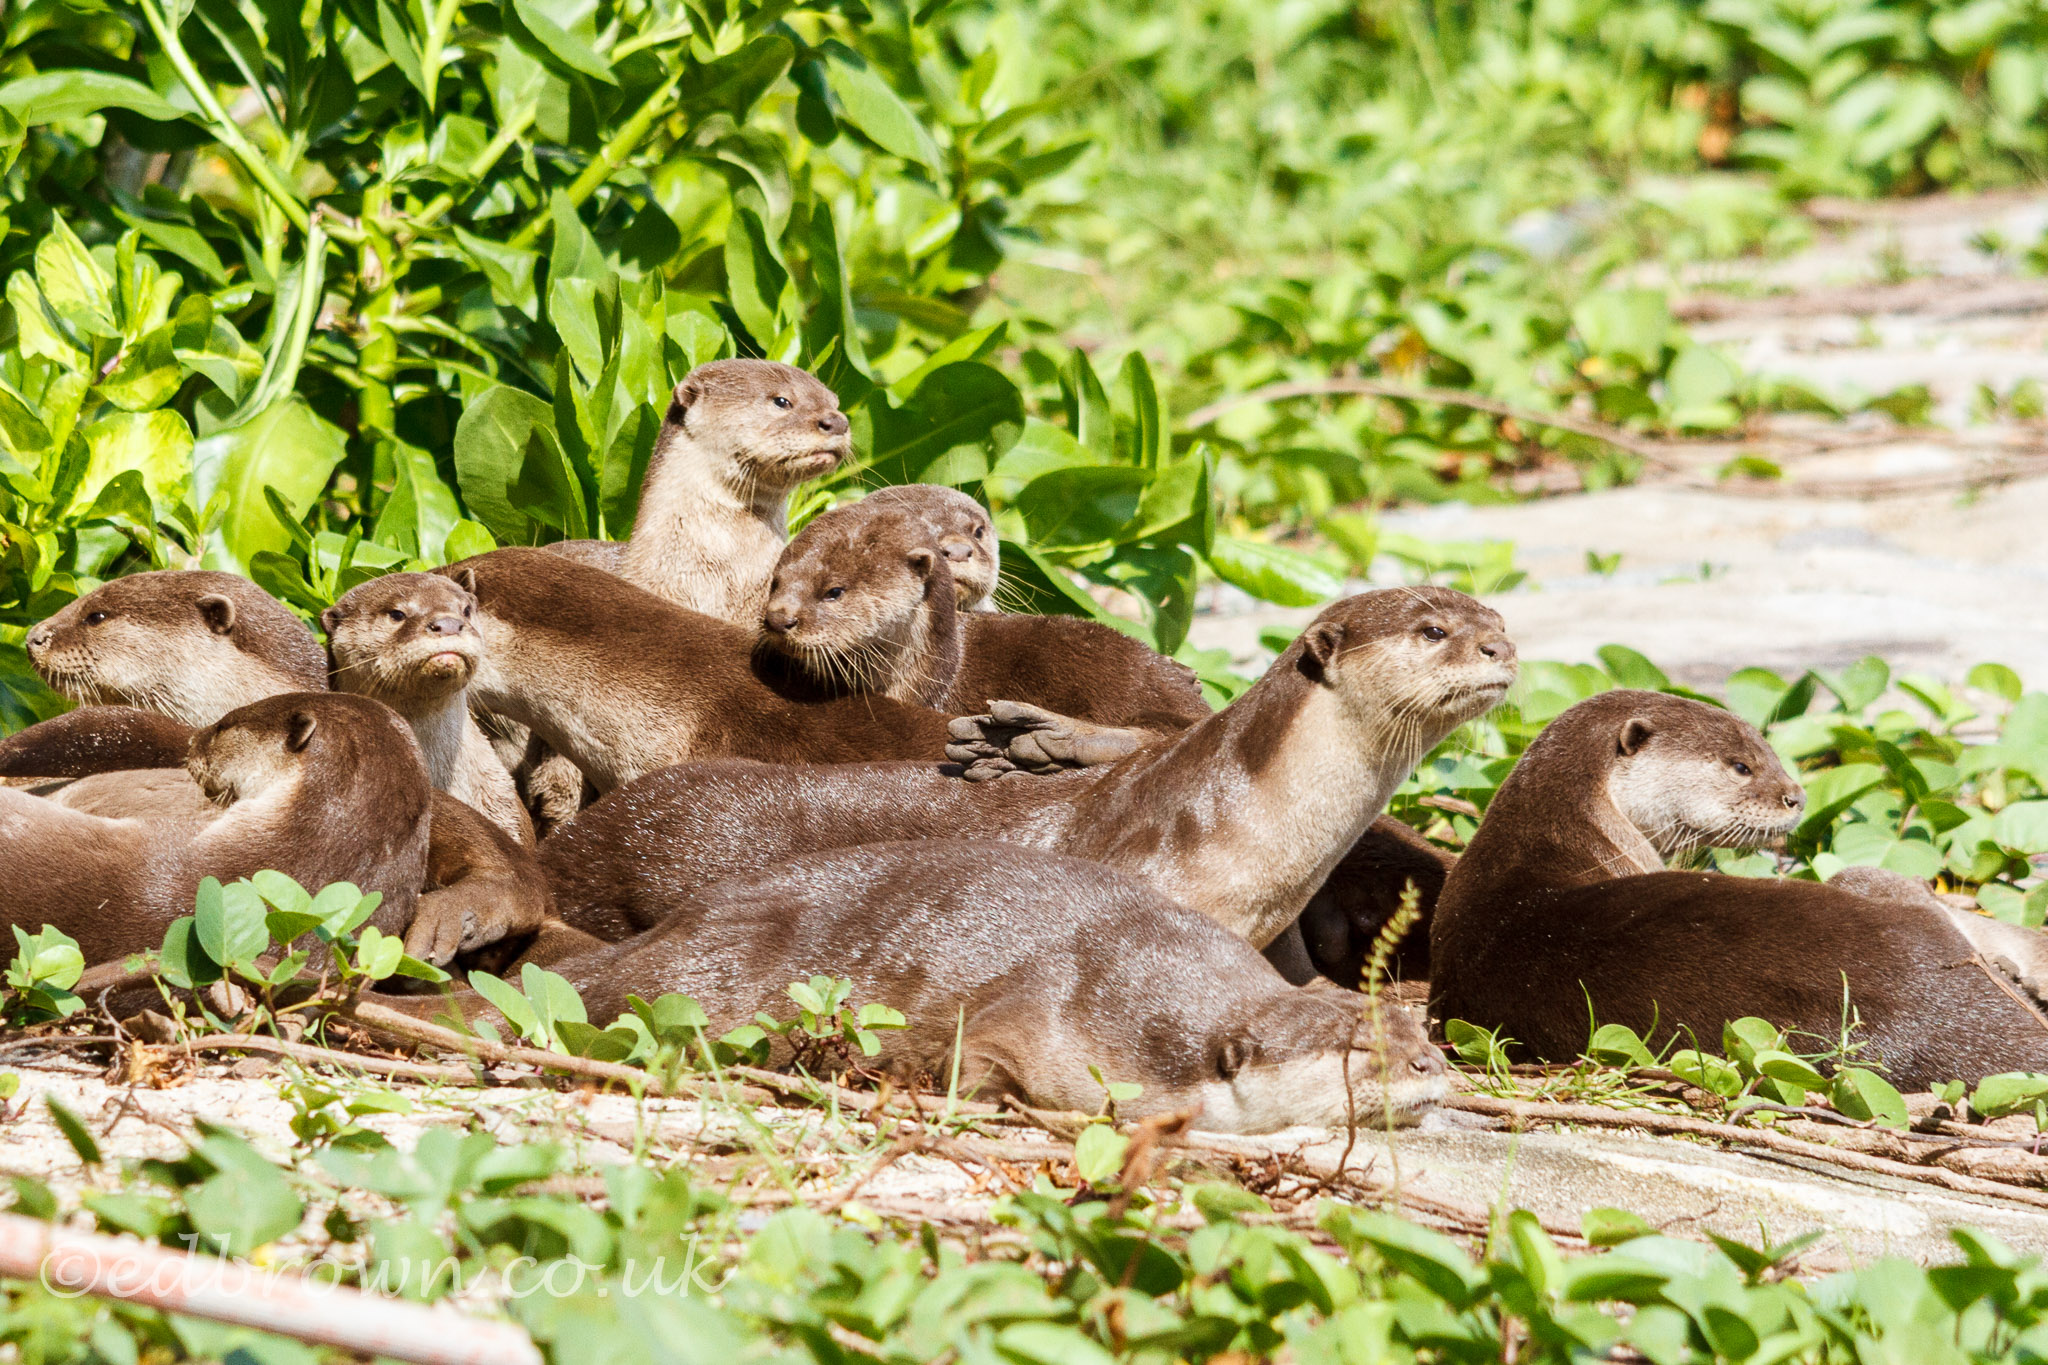 EWB_Singapore_otters_3